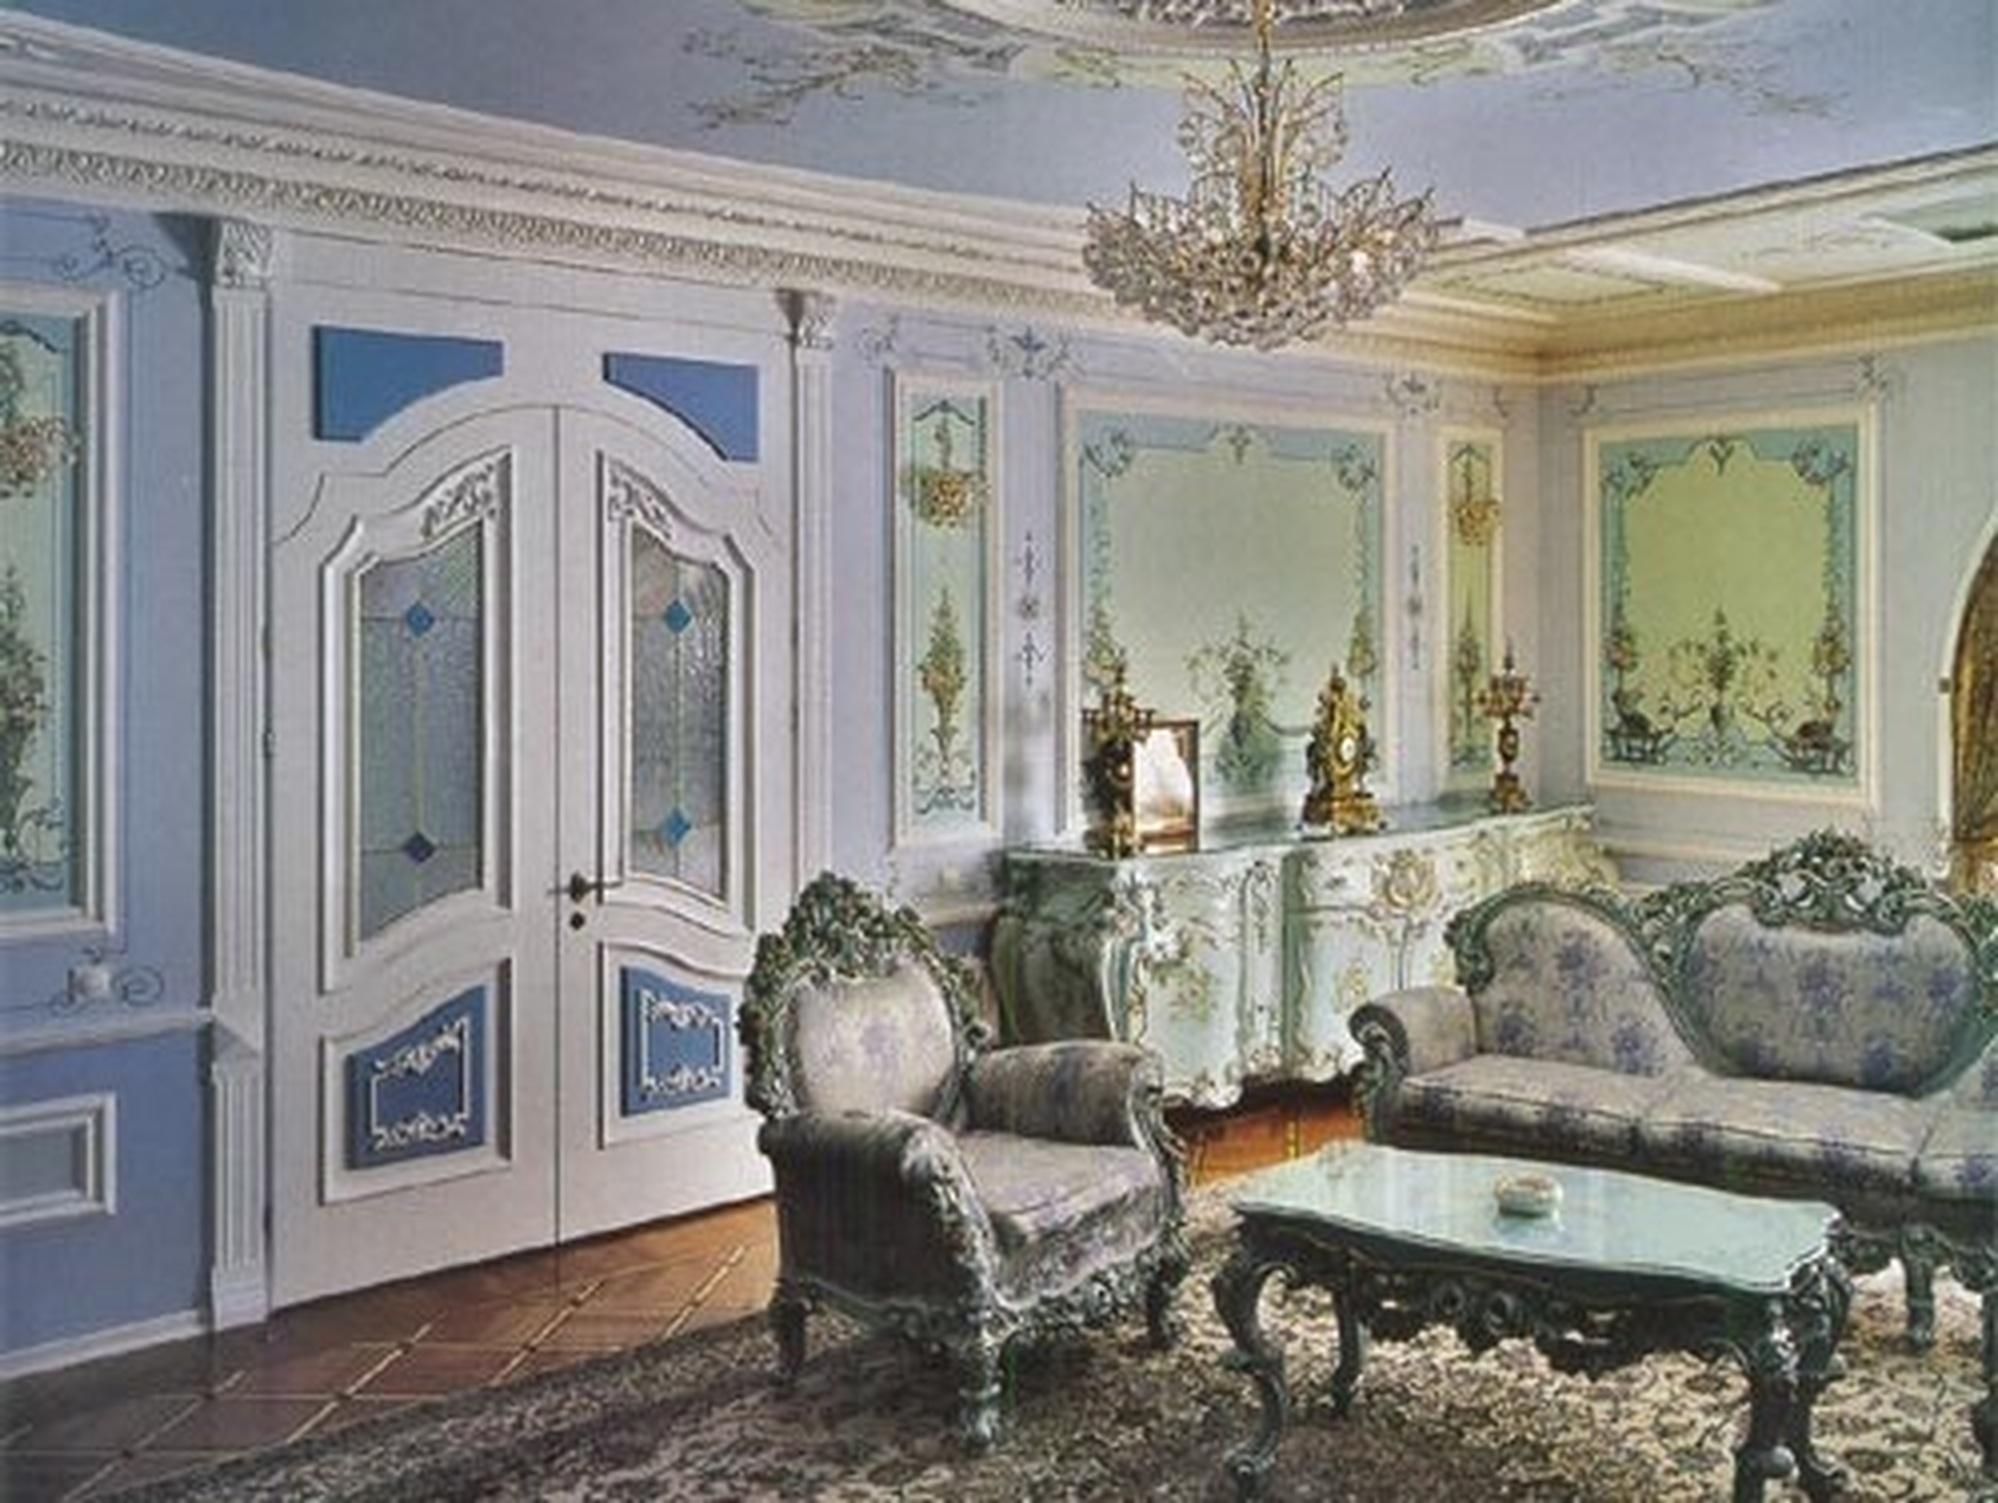 Ещё один кабинет украшенный лепниной